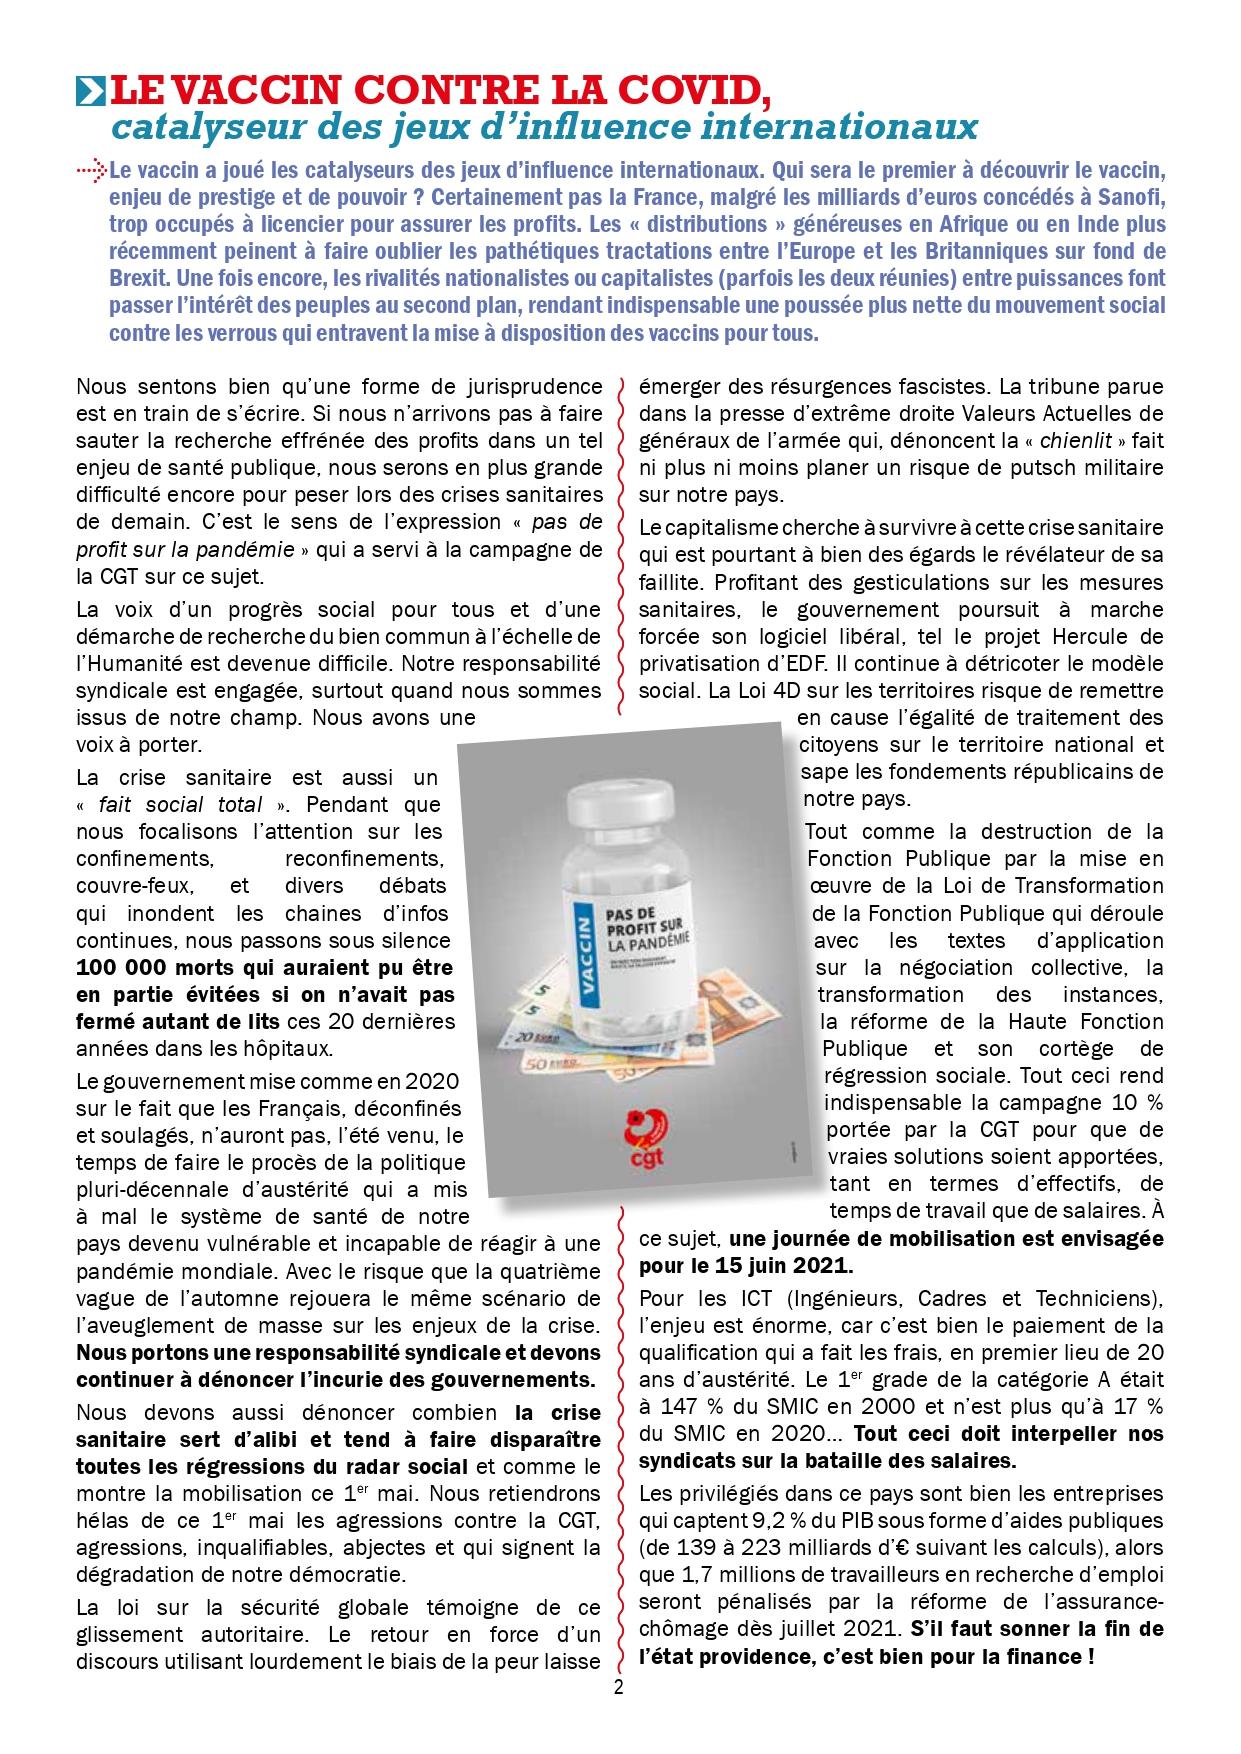 1361. UFMICT CGT Santé Options 667 du 31 mai 2021 (2)